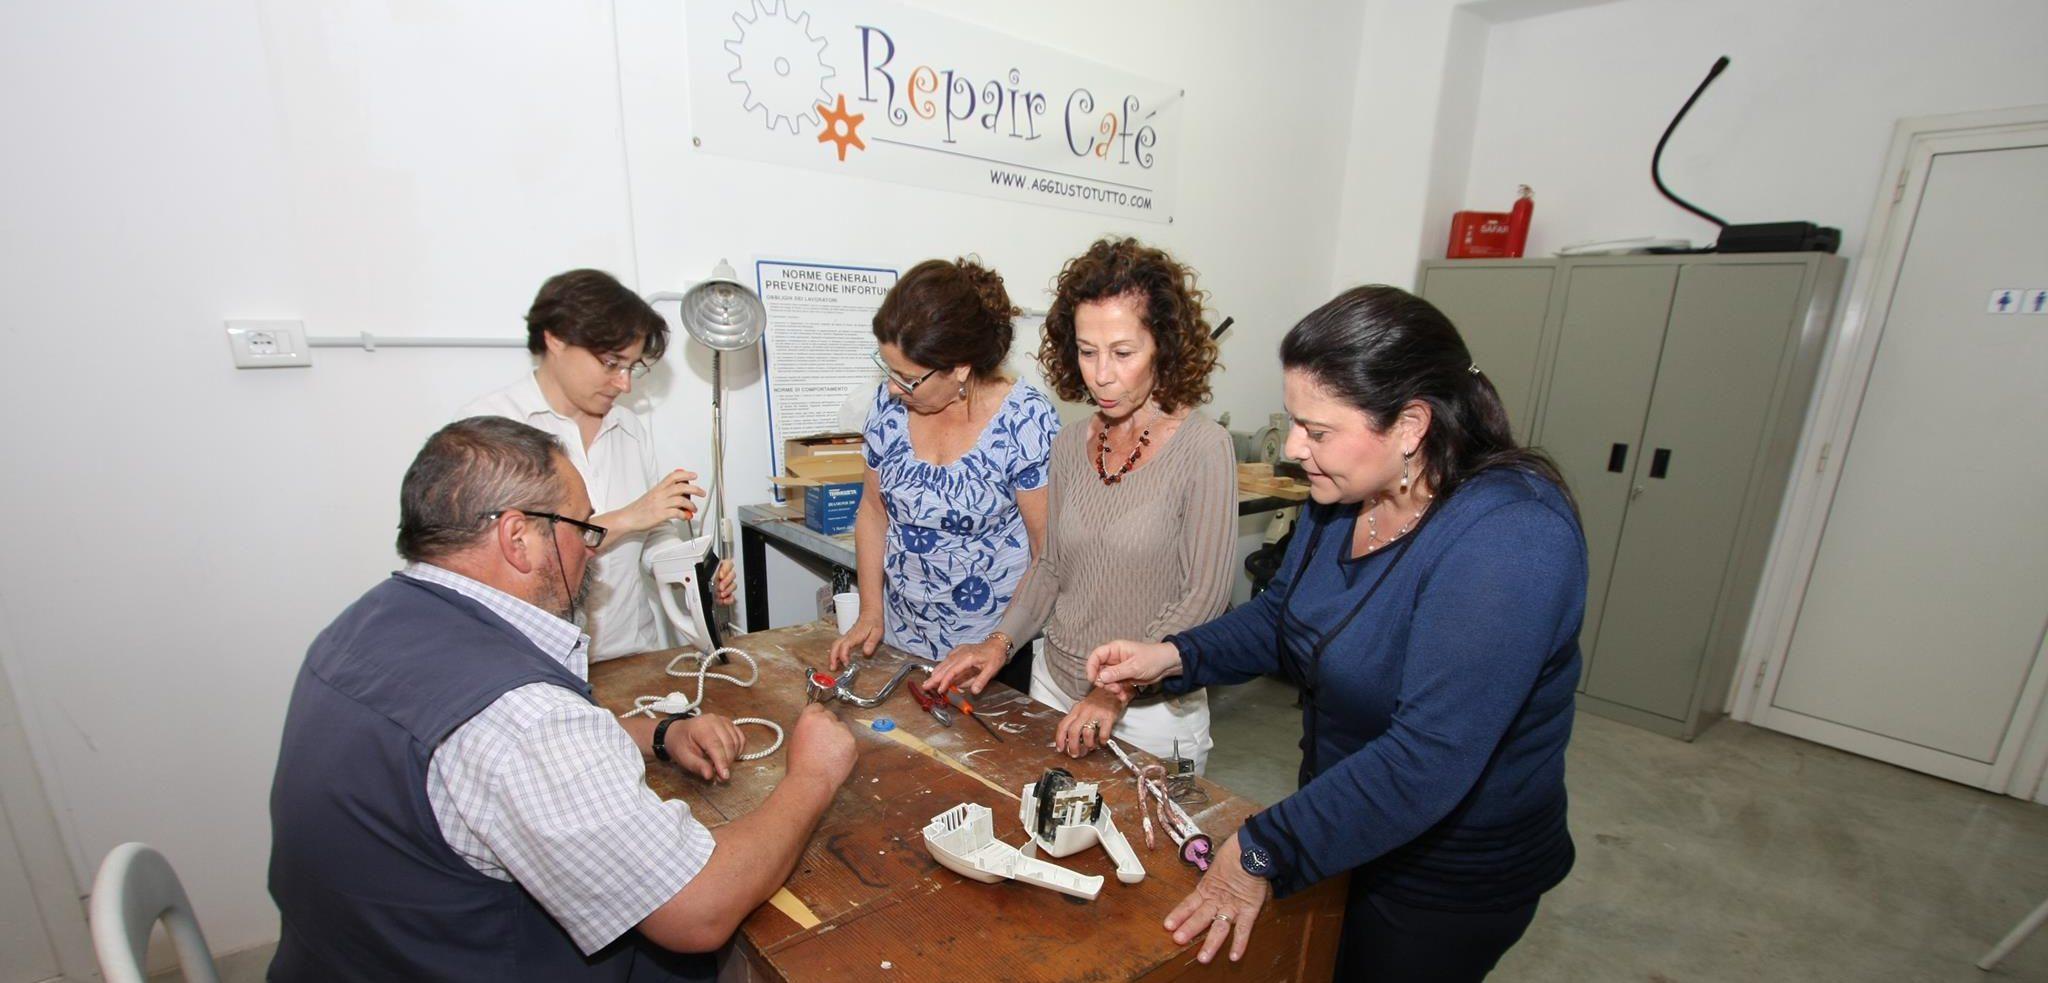 Aumentano i Repair Cafè, dove tutto si aggiusta